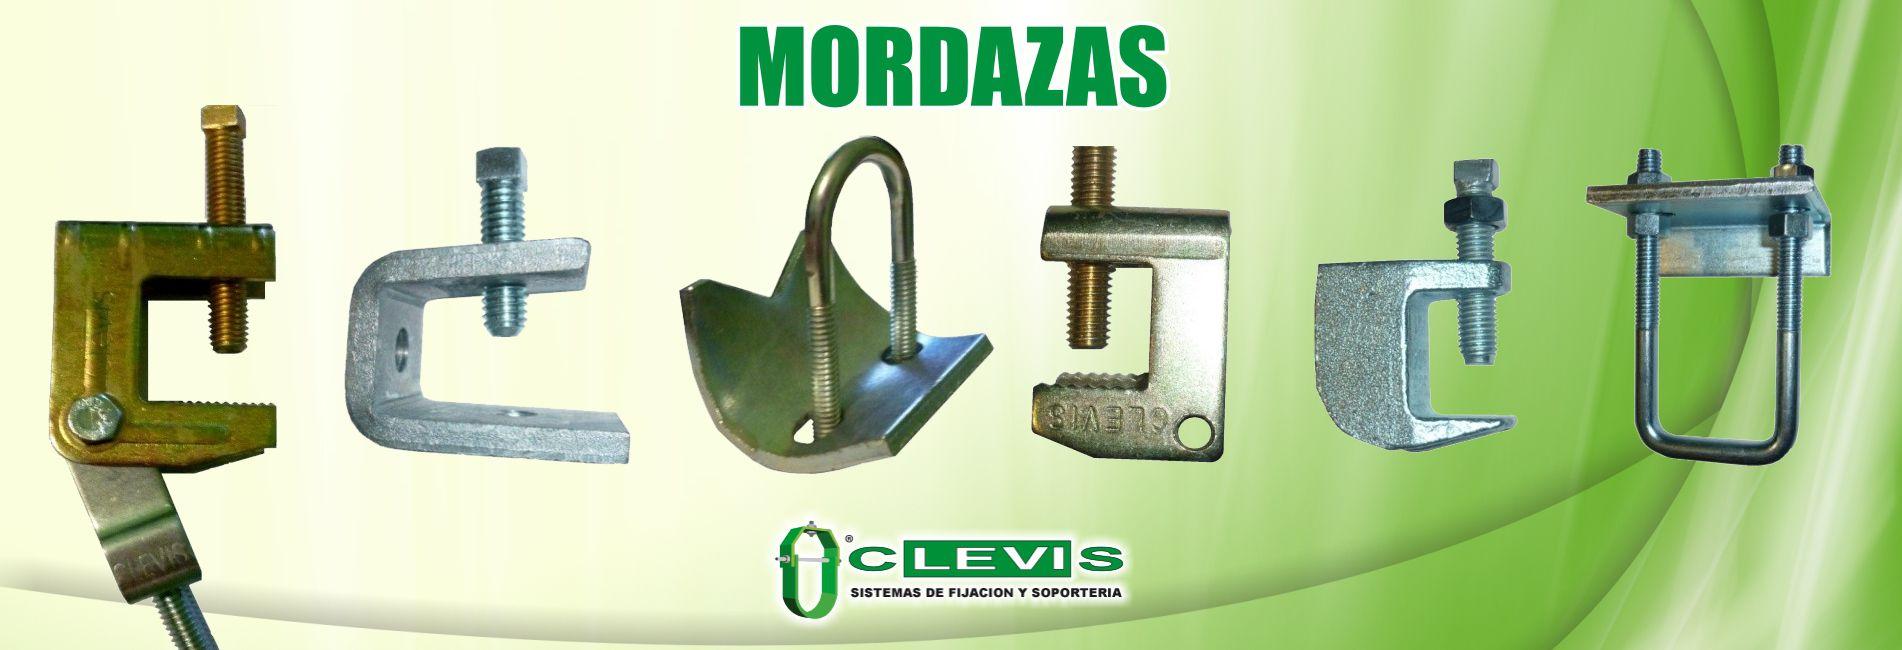 Clevis Monterrey Sistemas De Fijaci 243 N Y Soporteria